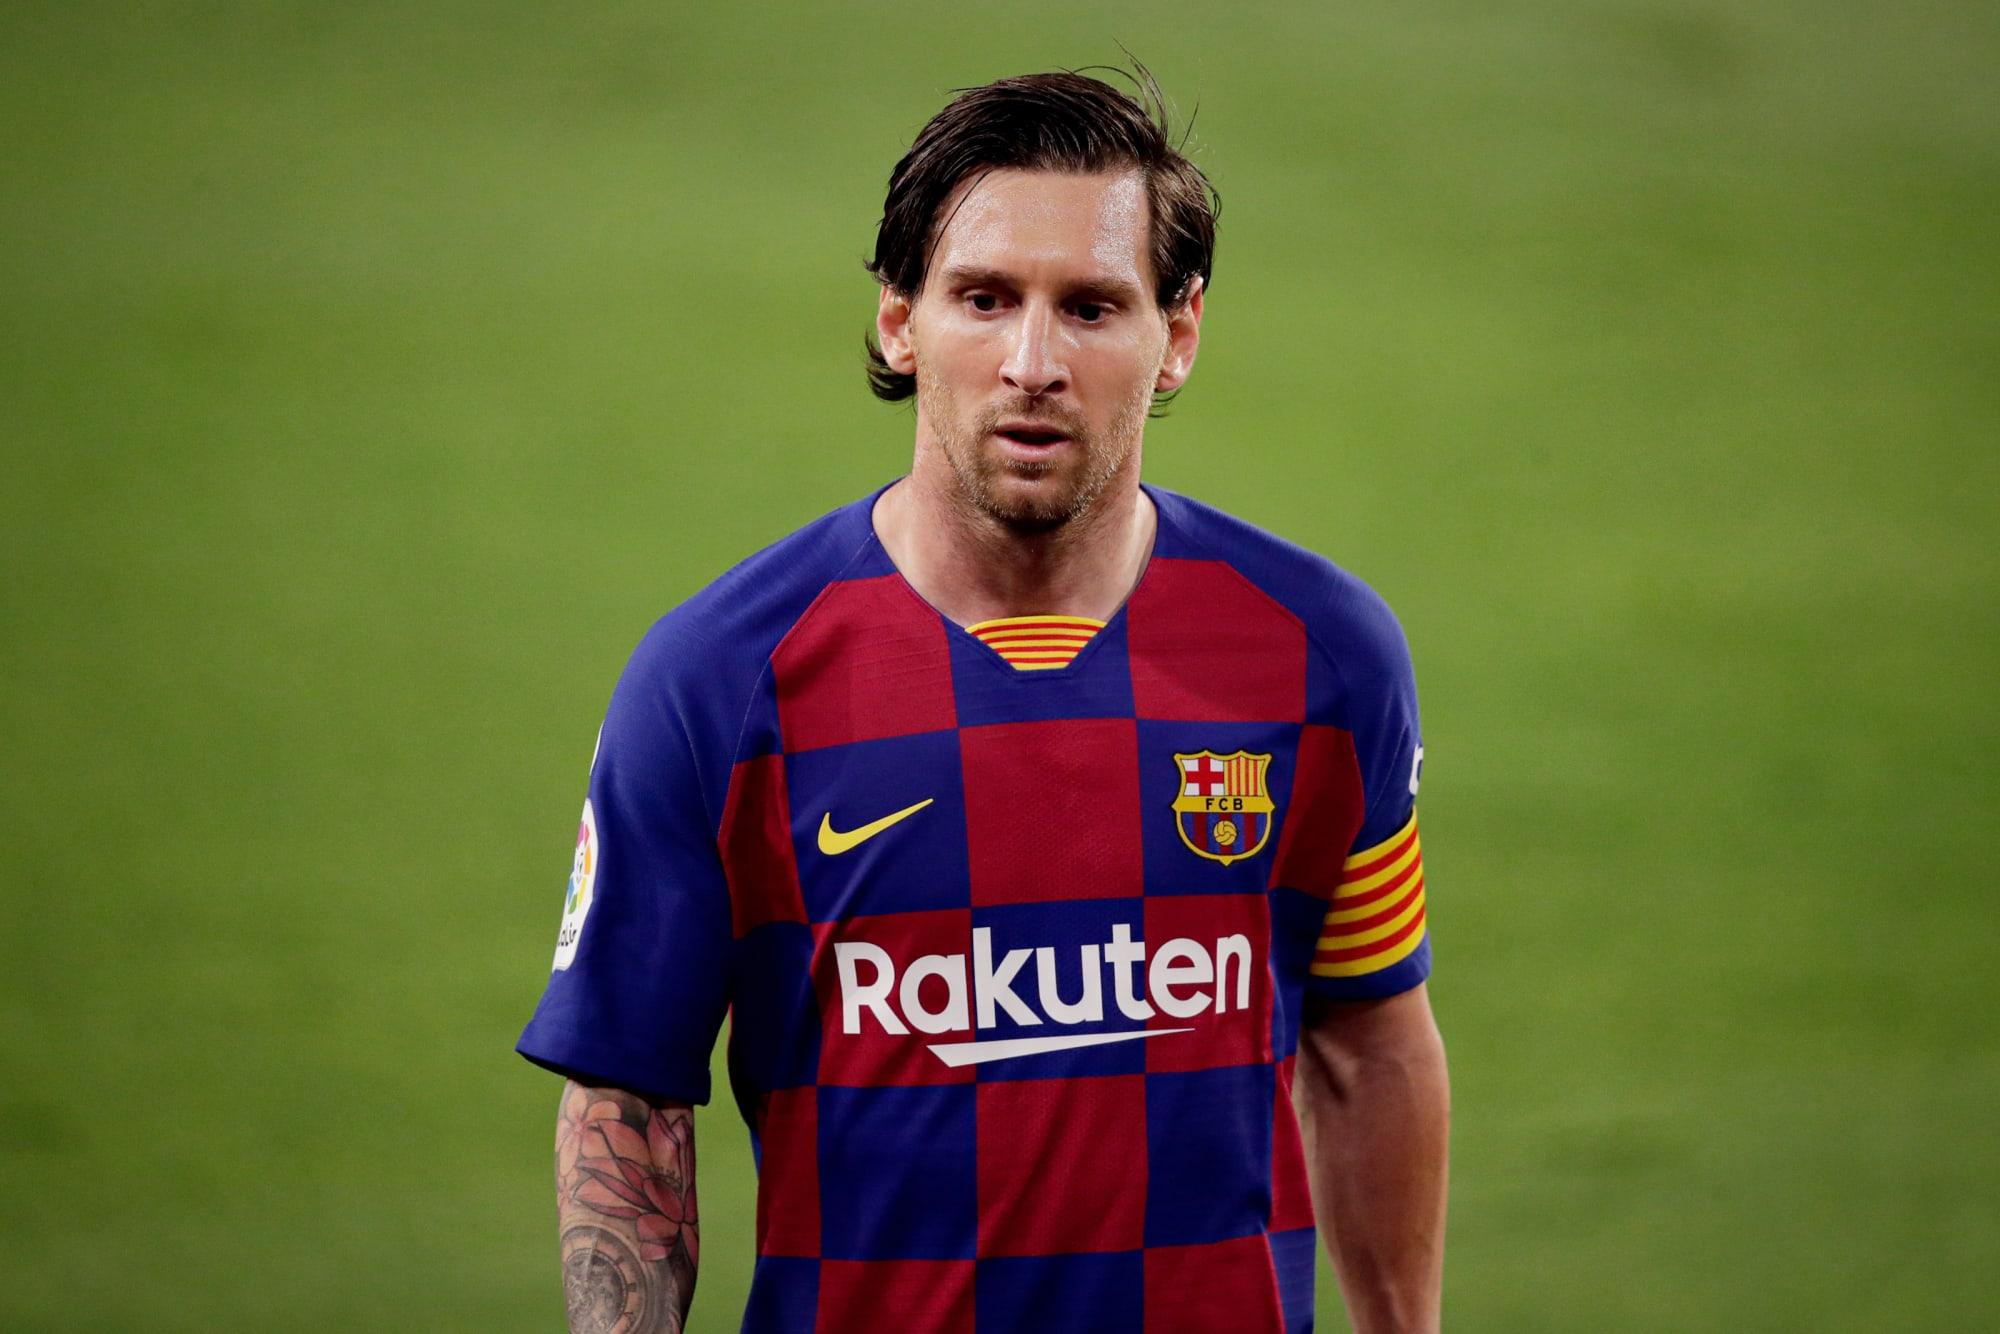 Lionel Messi demands sweet revenge after Real Madrid go on top